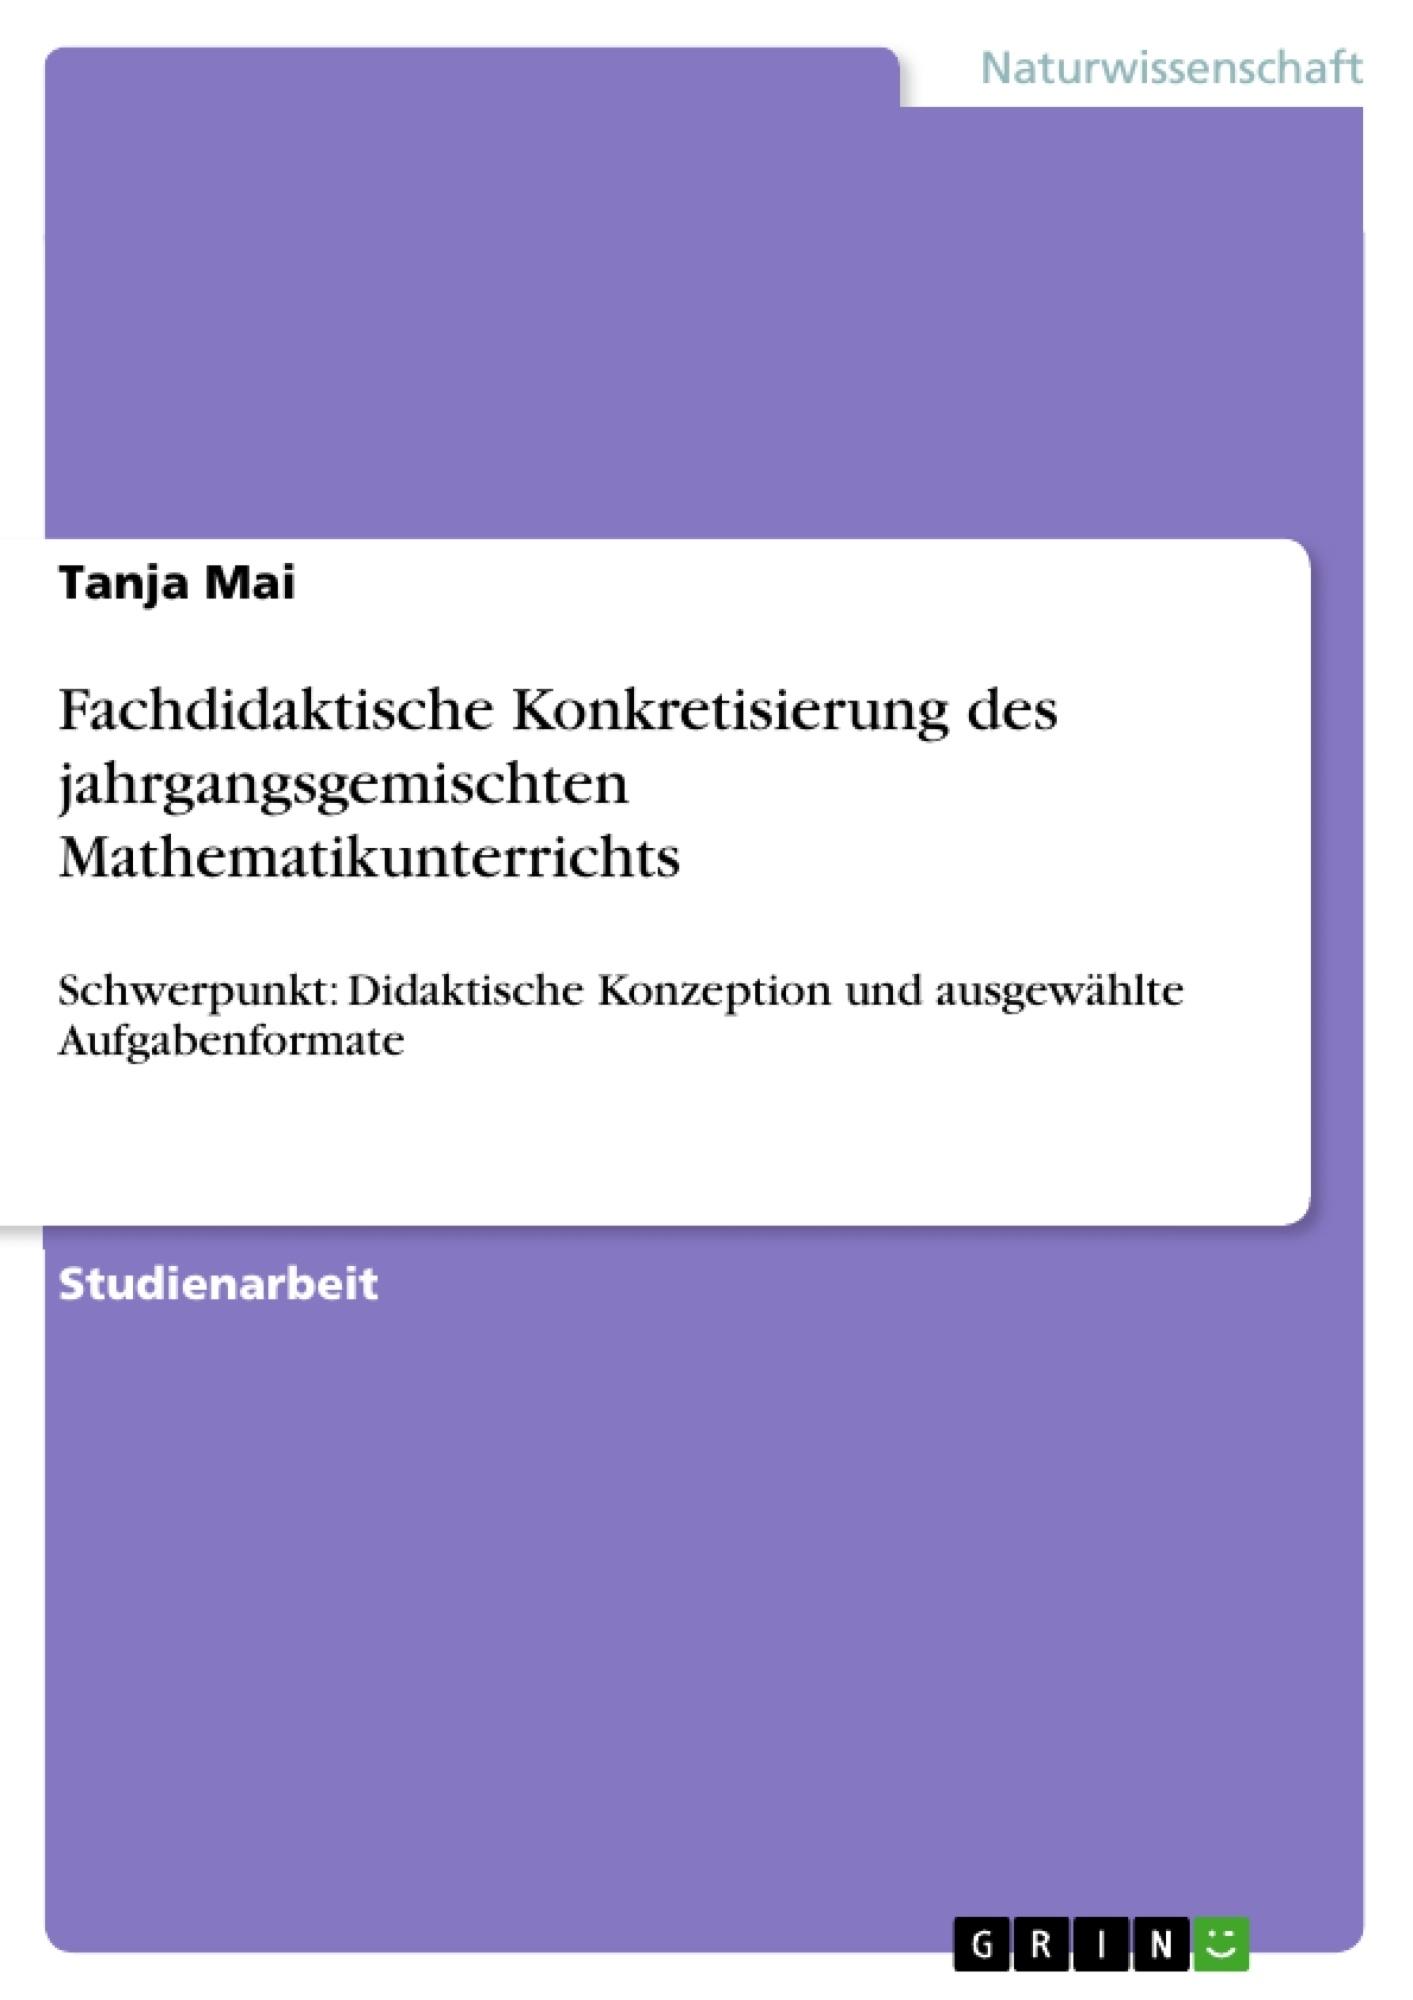 Titel: Fachdidaktische Konkretisierung des jahrgangsgemischten Mathematikunterrichts